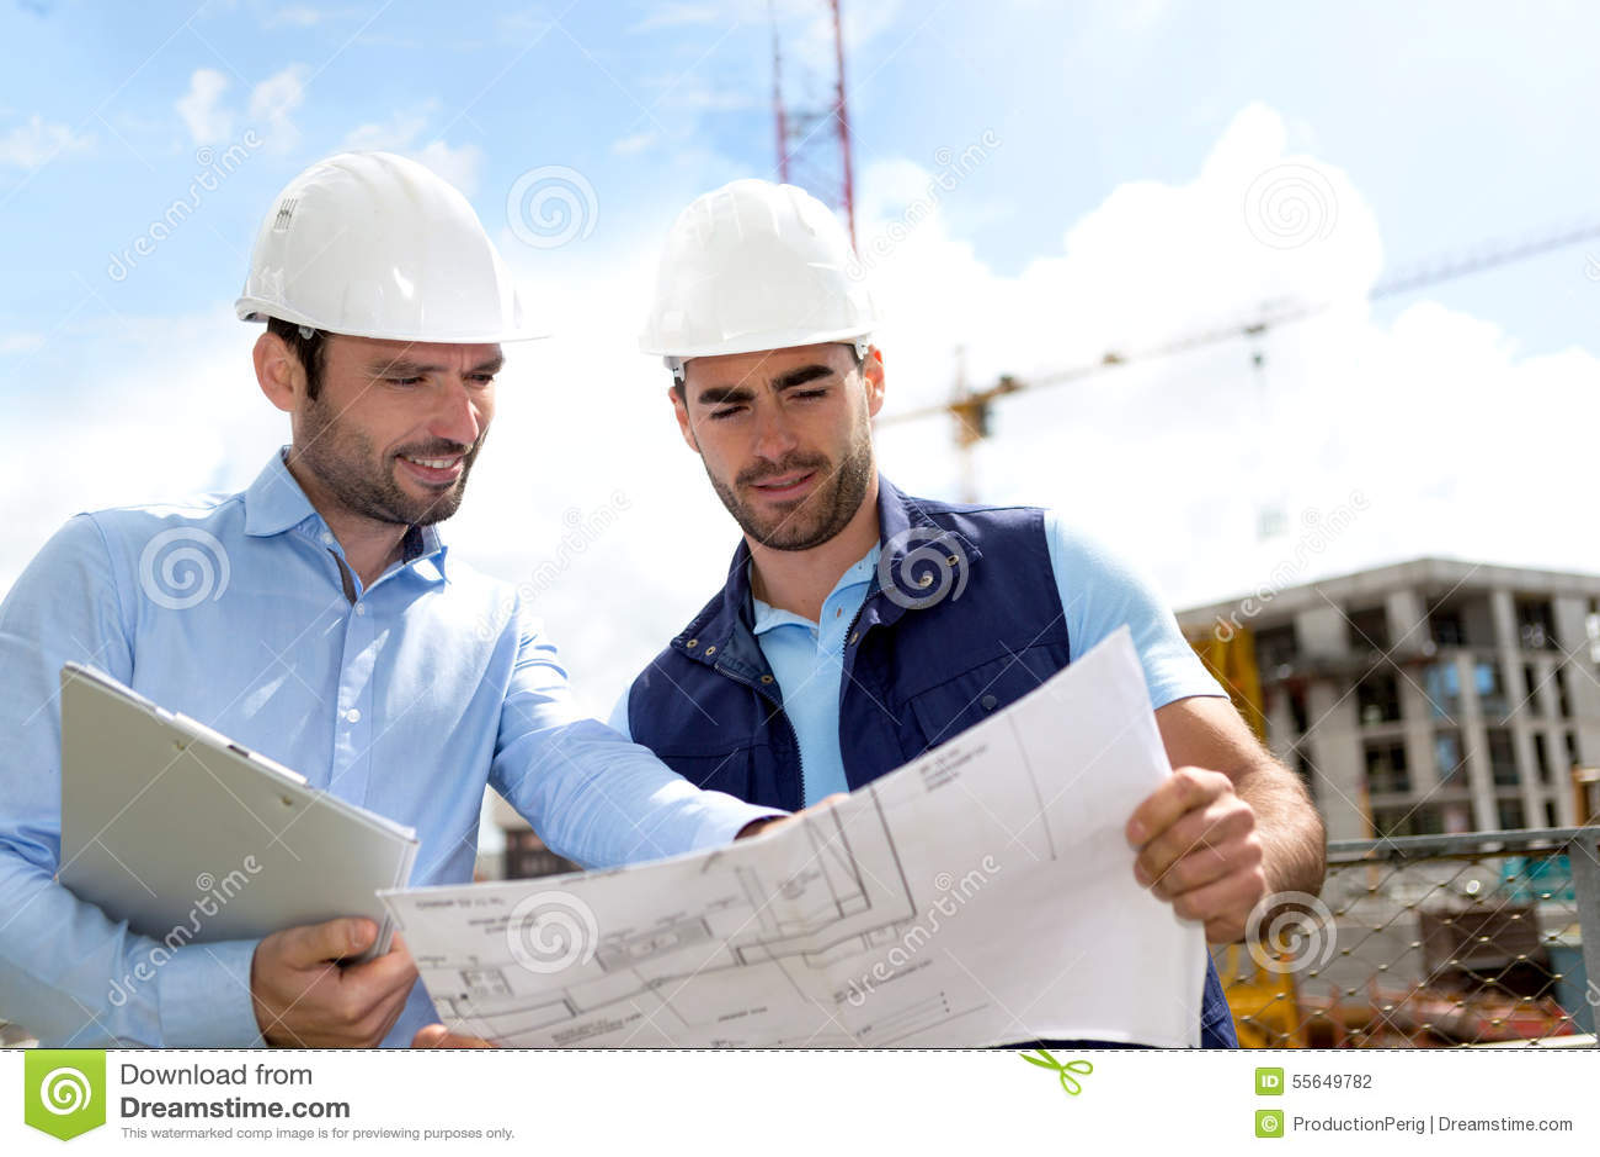 Μηχανικός και εργαζόμενος που ελέγχουν το σχέδιο στο εργοτάξιο οικοδομής